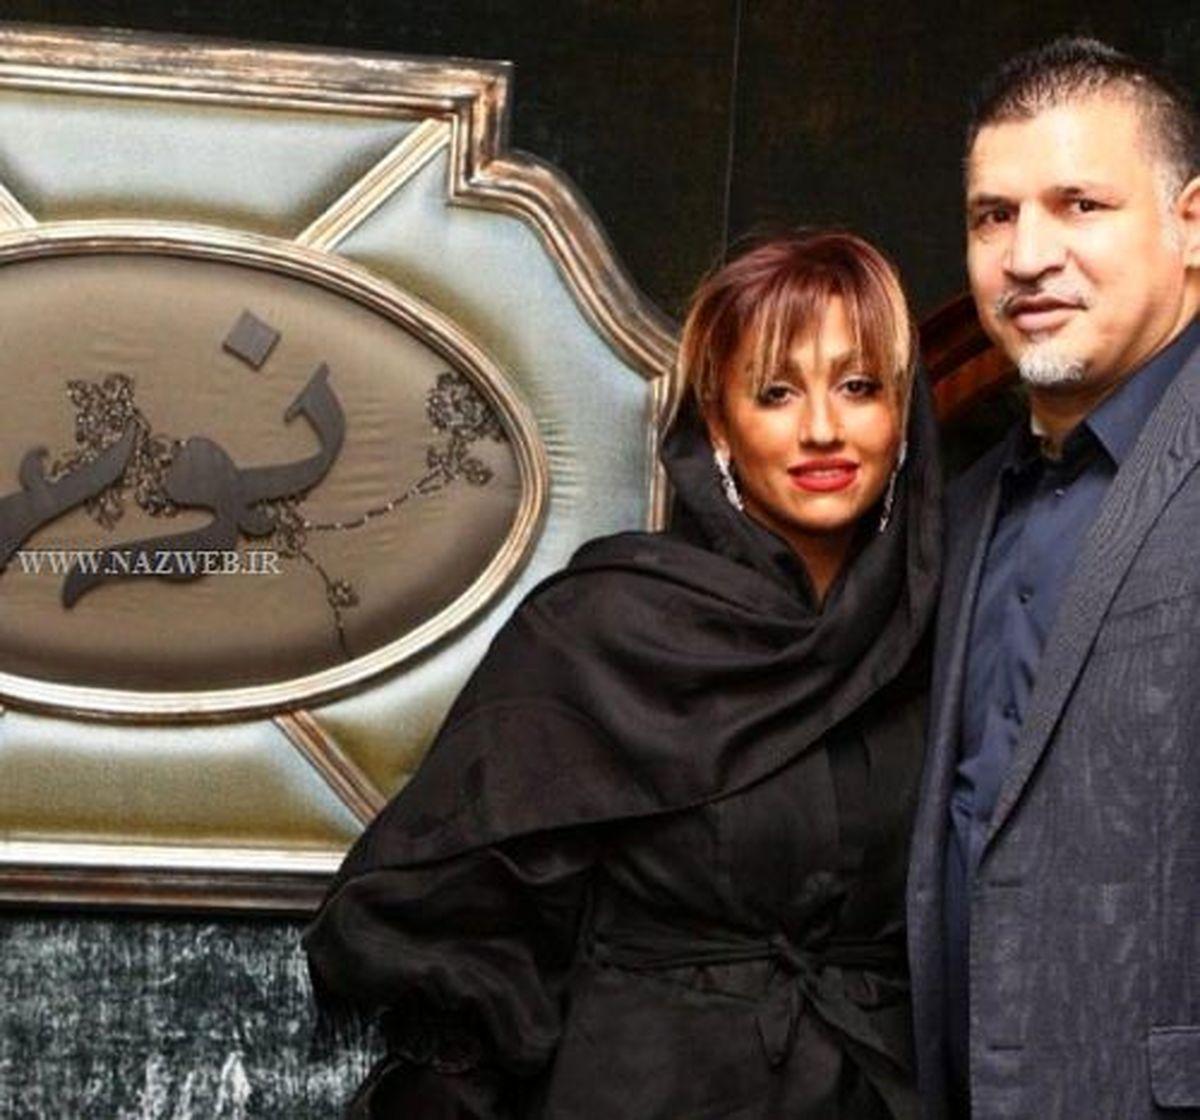 عکس لو رفته از علی دایی و همسرش در پارتی مختلط + تصاویر و جزئیات